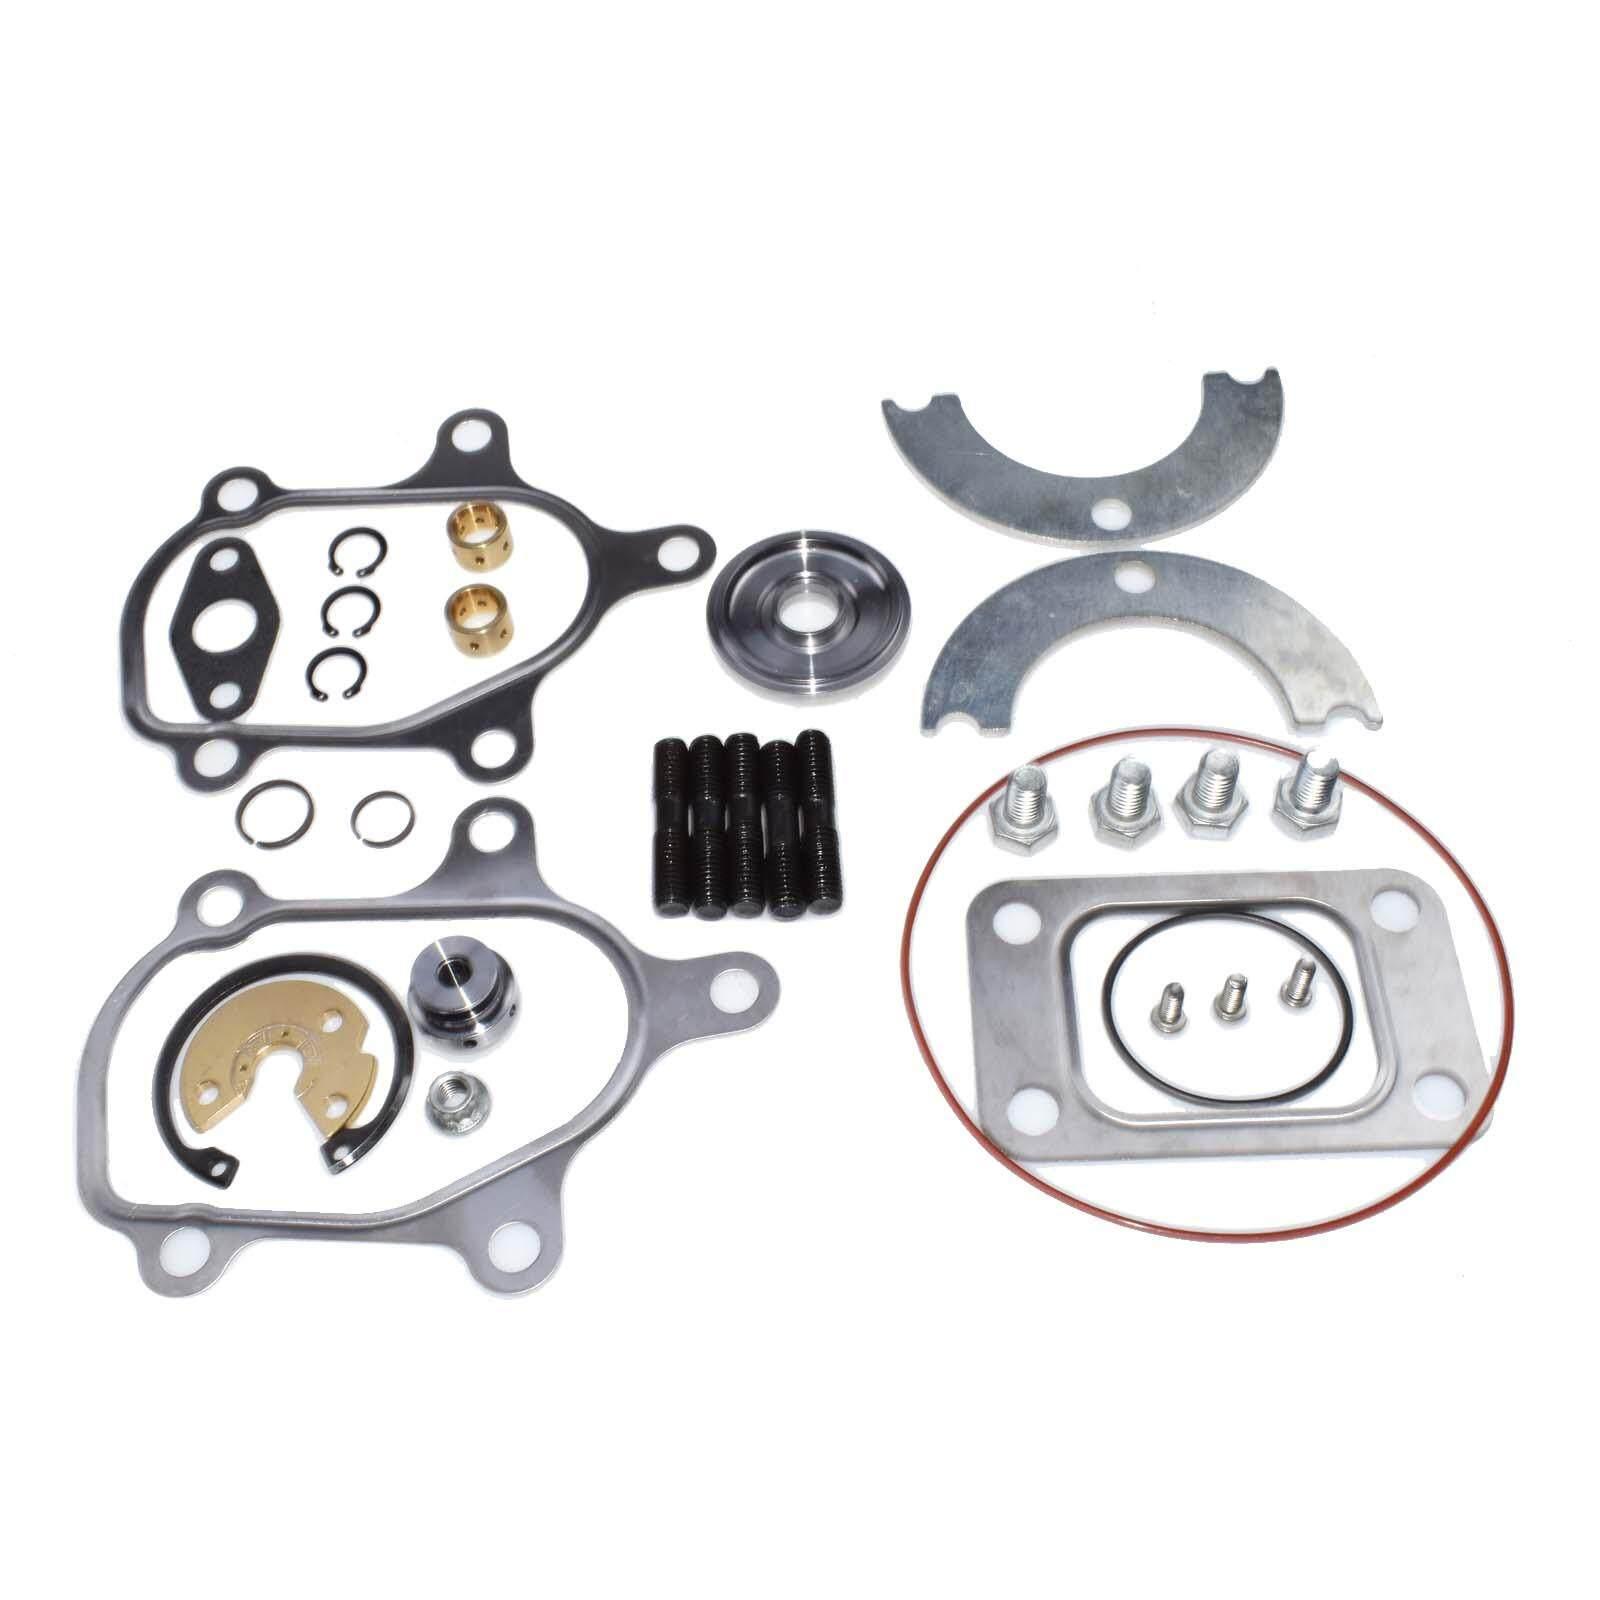 Mới Turbo Sửa Chữa Xây Dựng Lại Xây Dựng Lại Bộ T25/t28 T2 T25 T28 Tăng Áp By Sance Auto Parts.